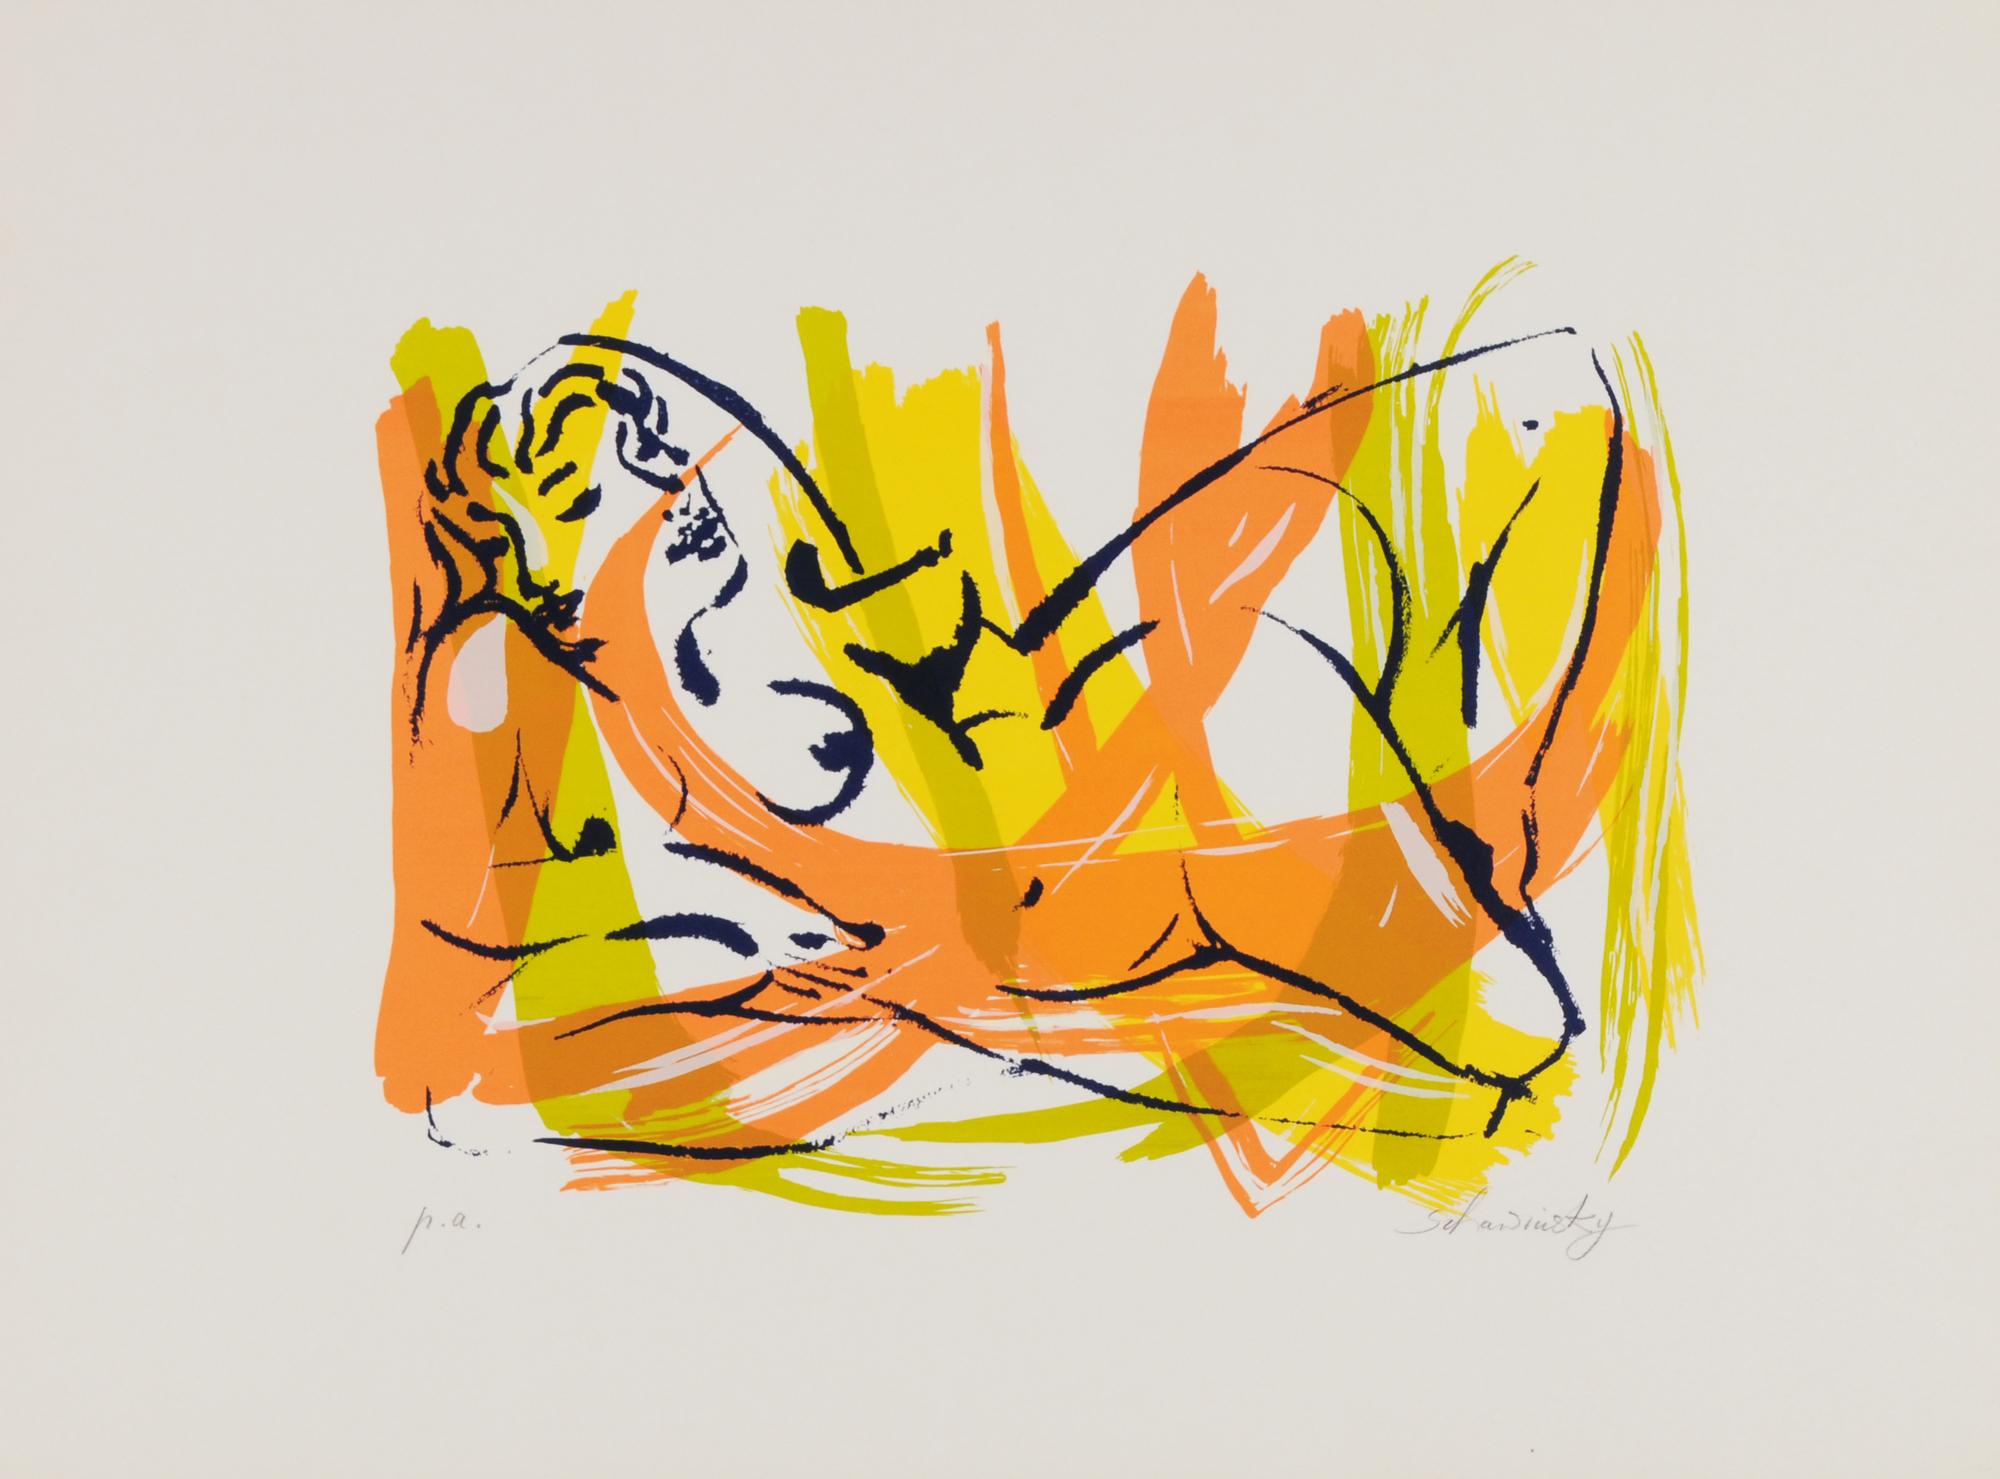 Schawinsky Xanti, 9 sheets: Untitled